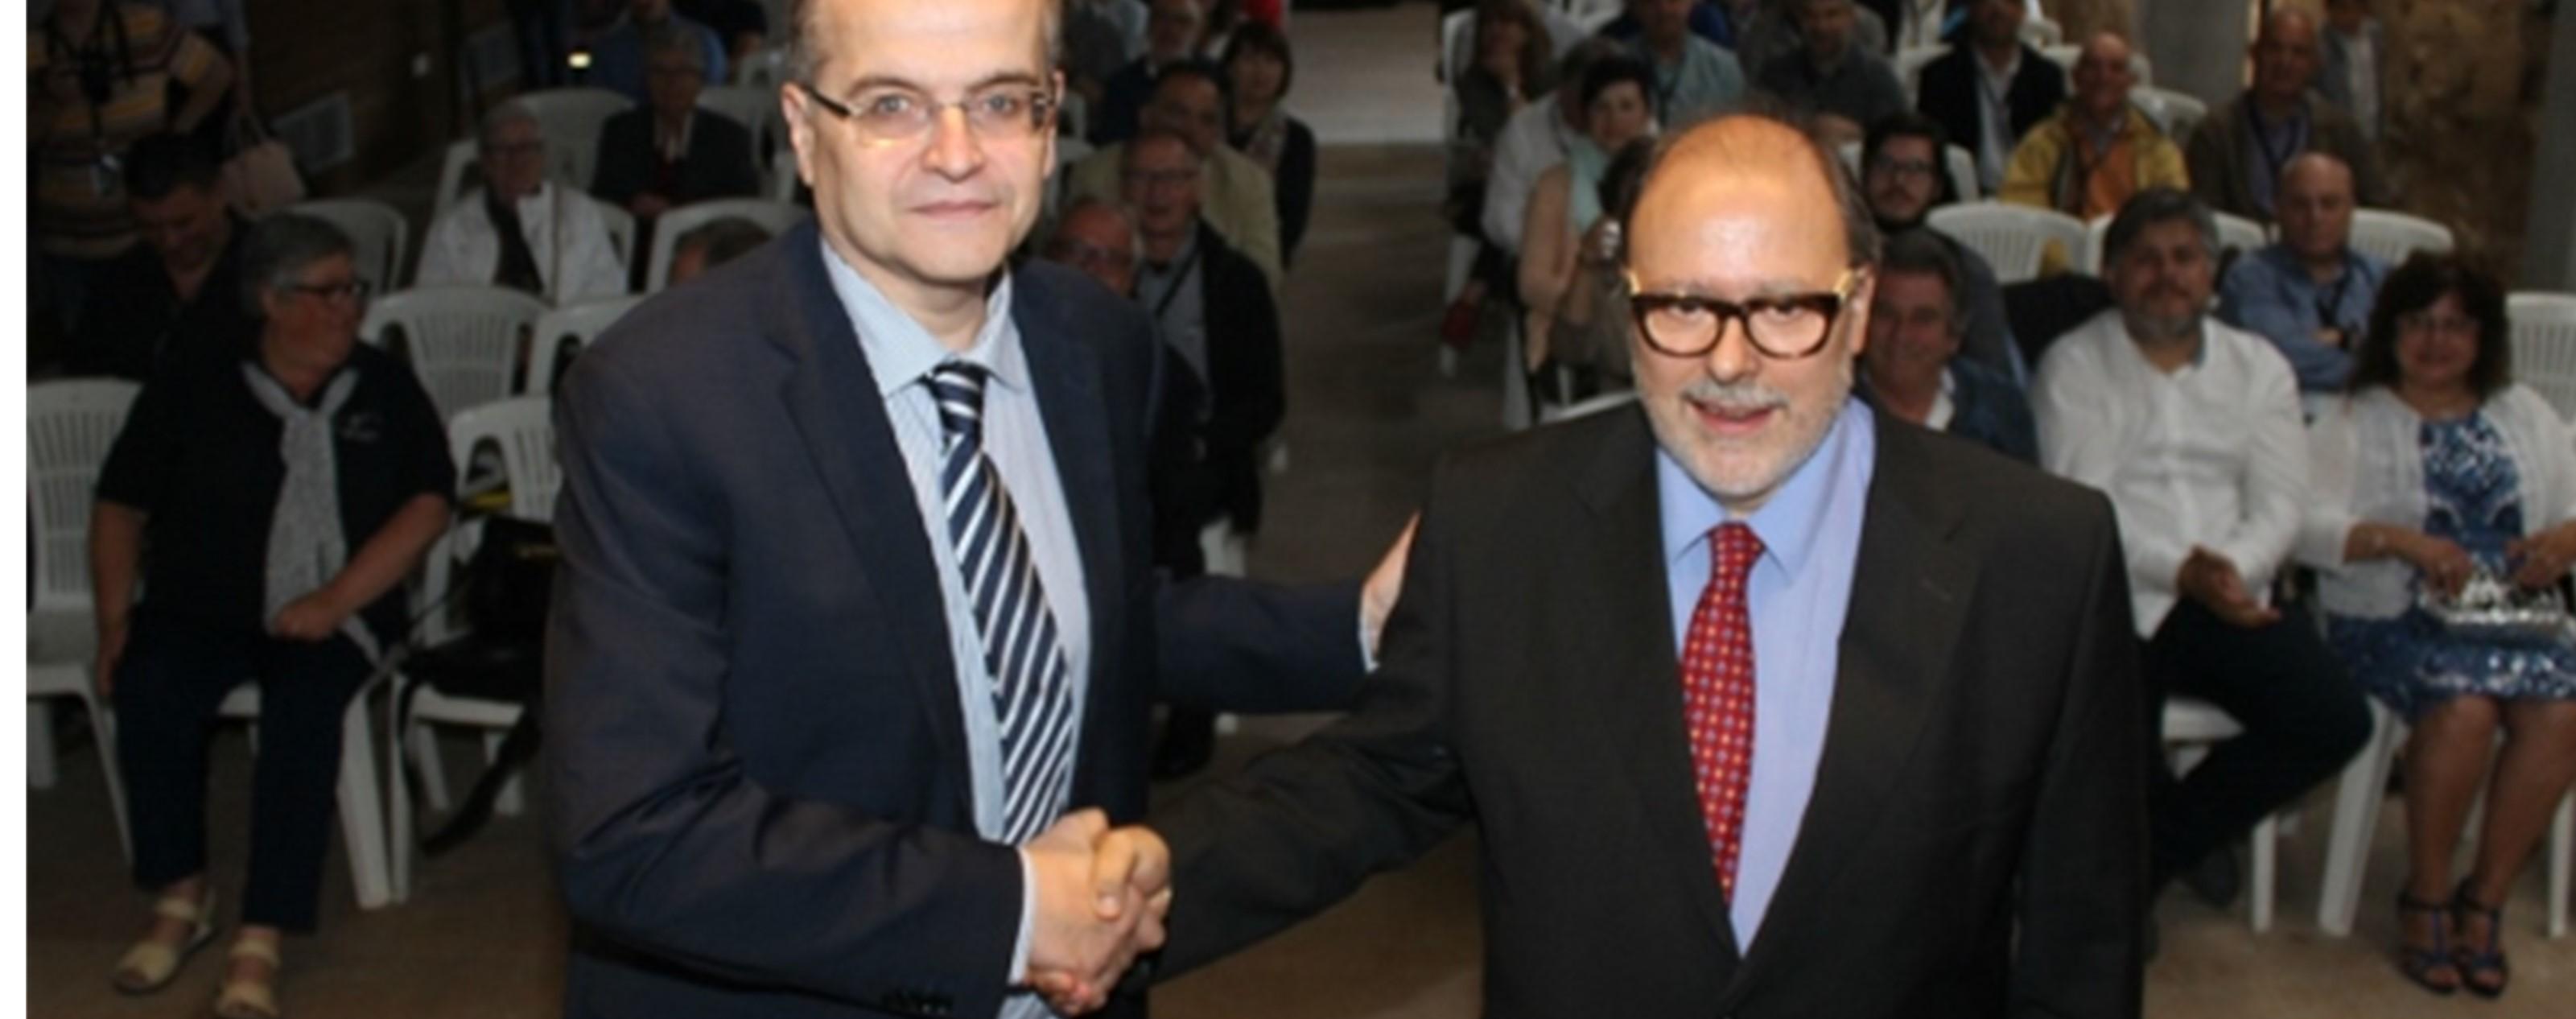 Francesc Fàbregas relleva Carles Ayats en la presidència de l'ACPC